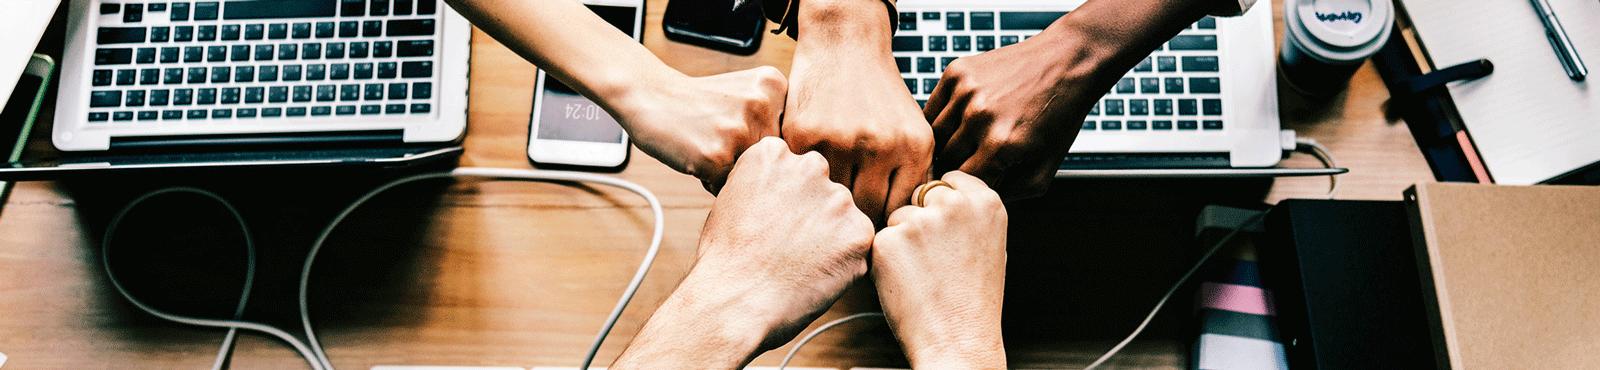 go-digital: Unterstützung auf dem Weg in die digitale Zukunft